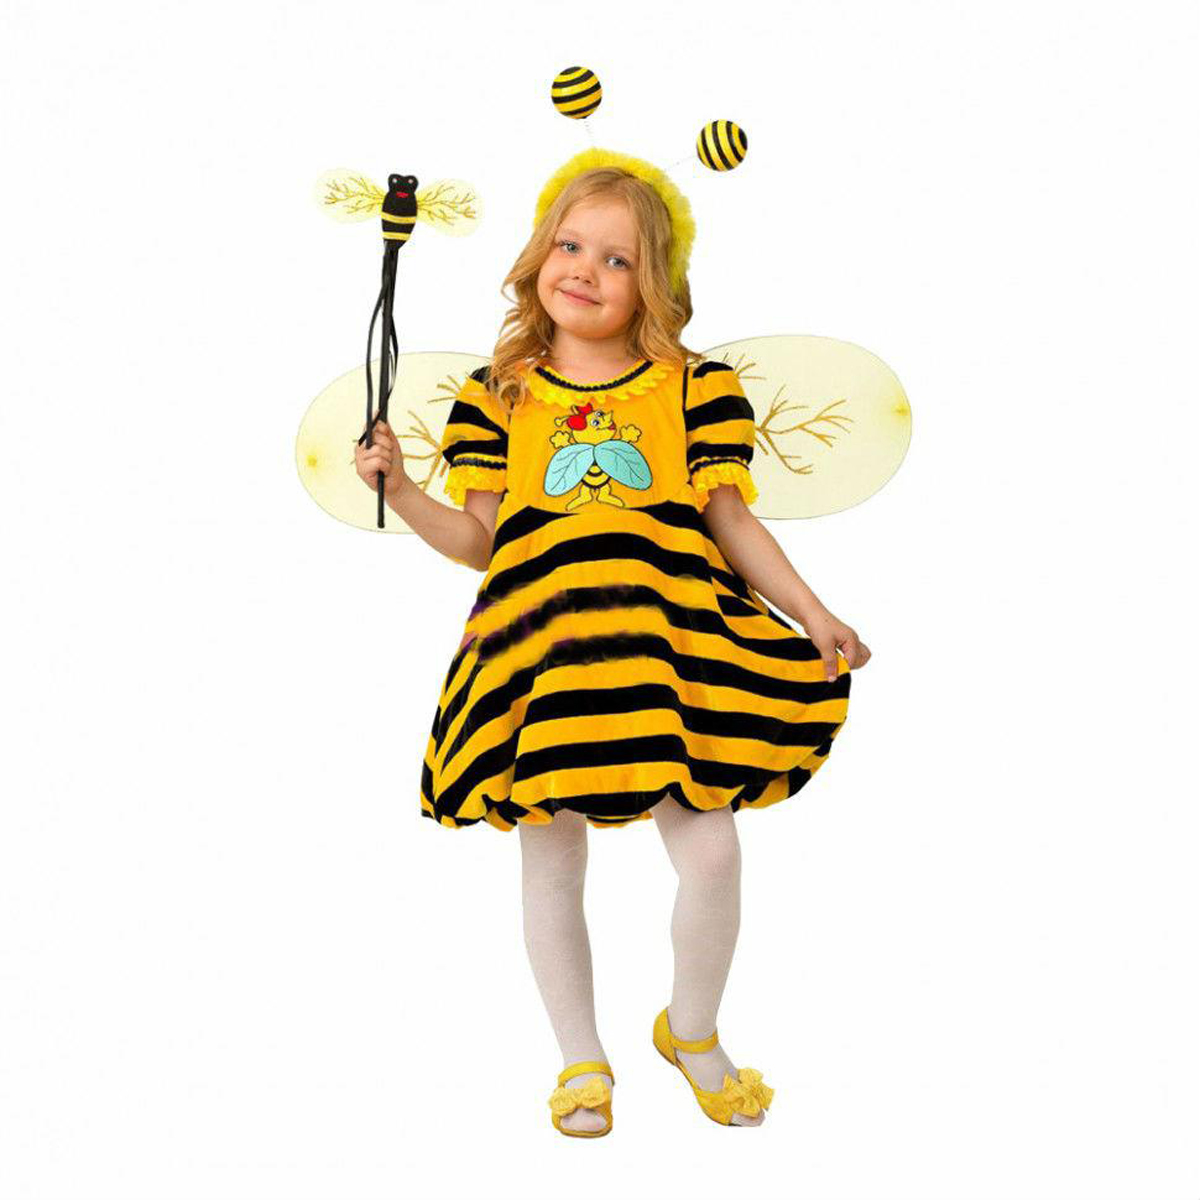 Батик Костюм карнавальный для девочки Пчелка размер 30